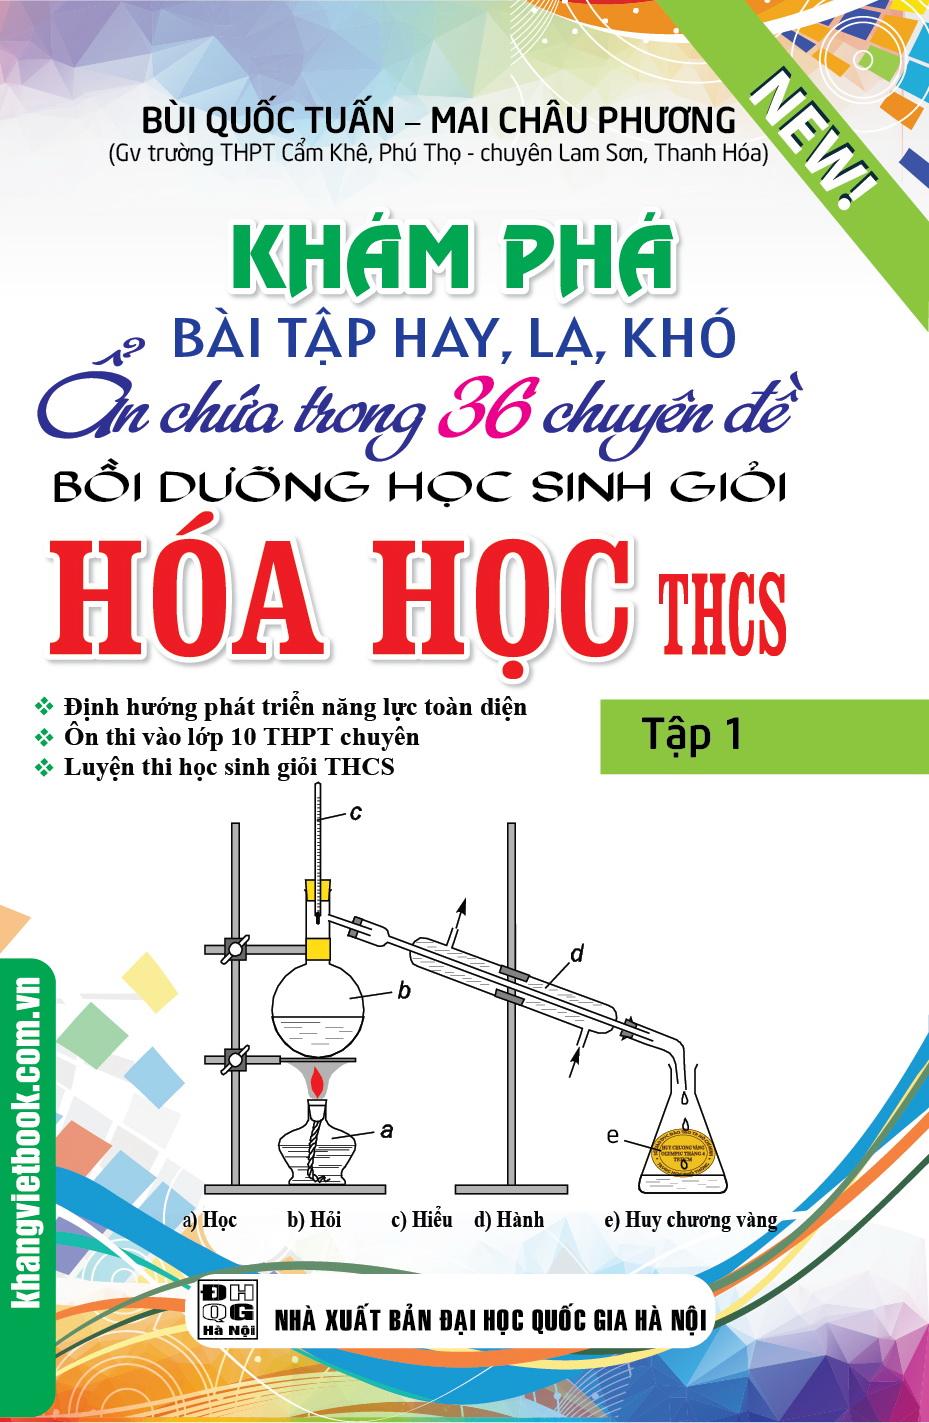 Khám Phá Bài Tập Hay, Lạ, Khó Ẩn Chứa Trong 36 Chuyên Đề Bồi Dưỡng Học Sinh Giỏi Hóa Học THCS (Tập 1) - 18224308 , 8304973062907 , 62_20244269 , 224000 , Kham-Pha-Bai-Tap-Hay-La-Kho-An-Chua-Trong-36-Chuyen-De-Boi-Duong-Hoc-Sinh-Gioi-Hoa-Hoc-THCS-Tap-1-62_20244269 , tiki.vn , Khám Phá Bài Tập Hay, Lạ, Khó Ẩn Chứa Trong 36 Chuyên Đề Bồi Dưỡng Học Sinh Gi